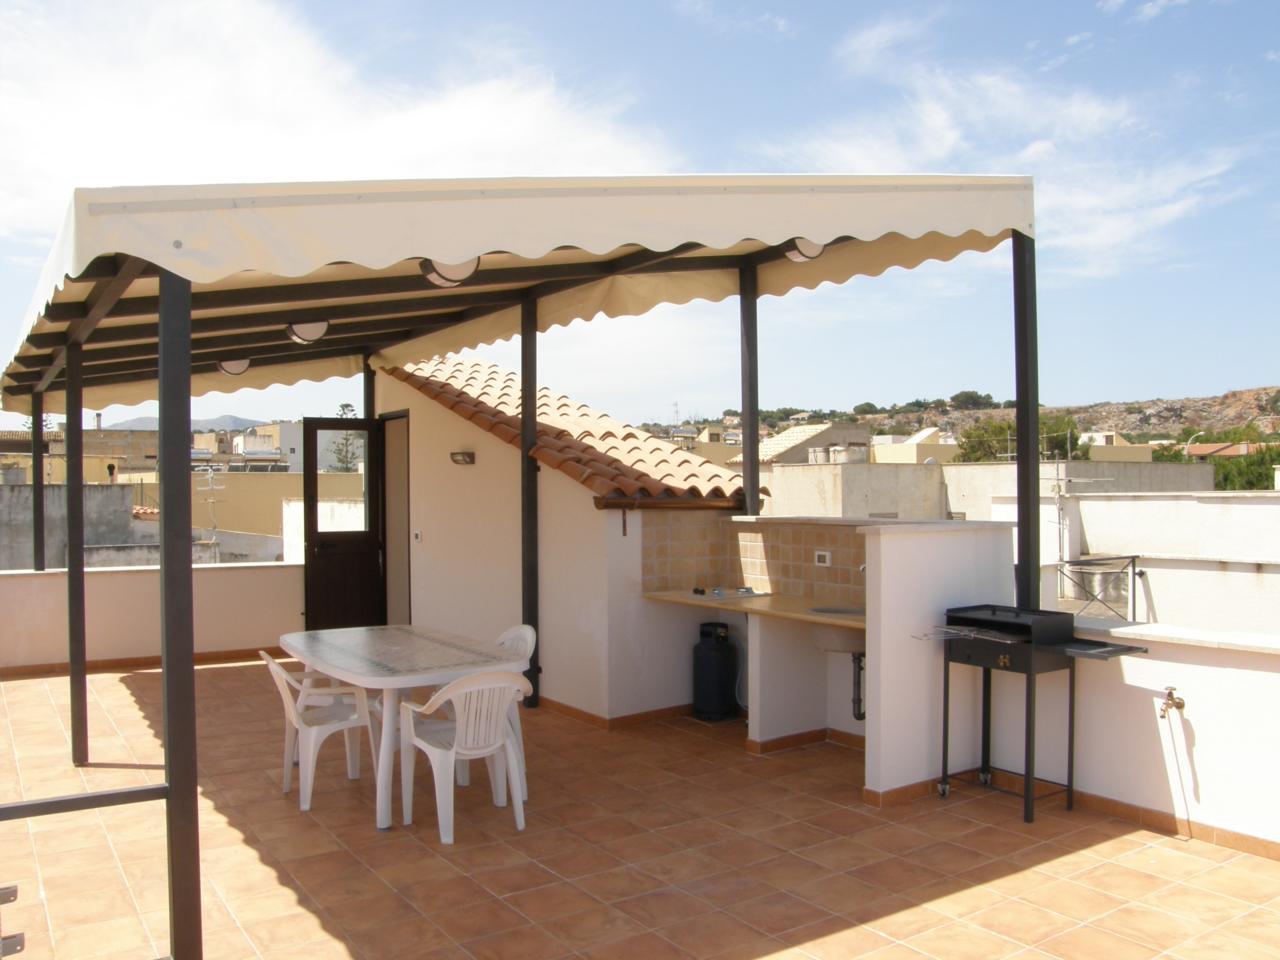 Casa vacanze Luigi P1° a San Vito Lo Capo > Via Savoia, San Vito Lo Capo - TP